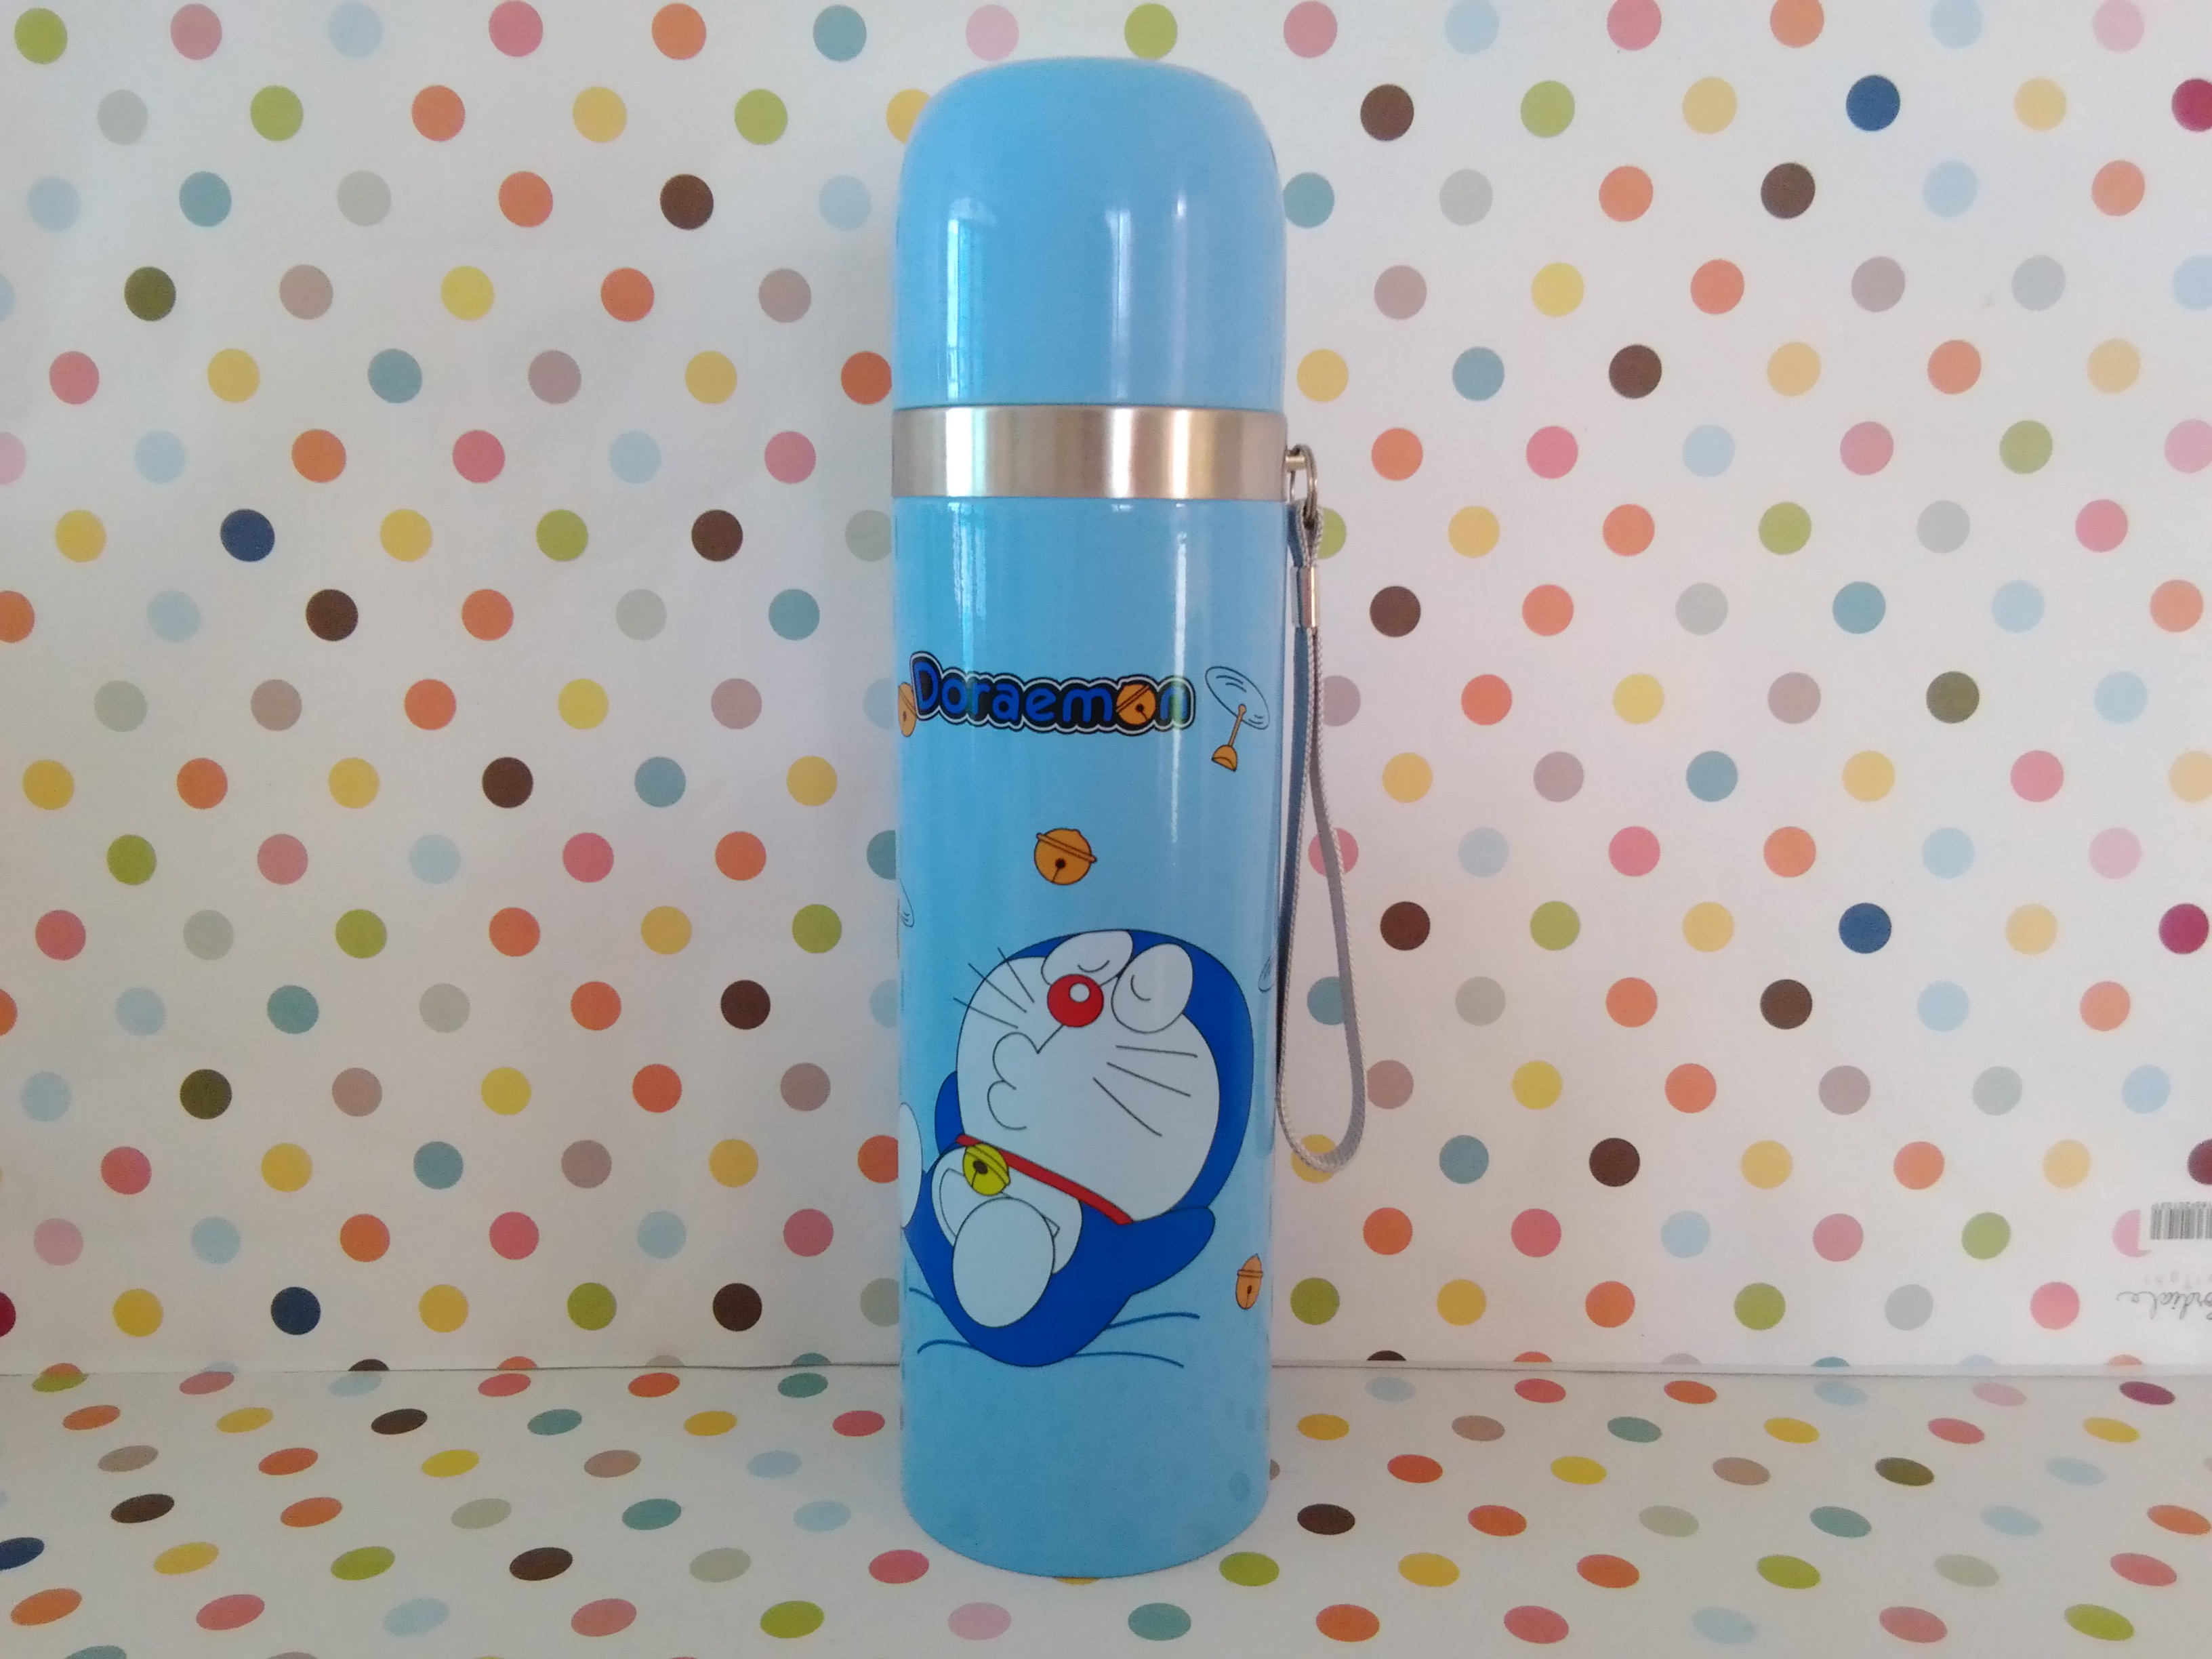 กระติกน้ำสแตนเลสสูญญากาศ โดราเอมอน Doraemon ขนาดสูง 24 ซม. สผก 7 ซม. ลายโดราเอมอน สีฟ้า